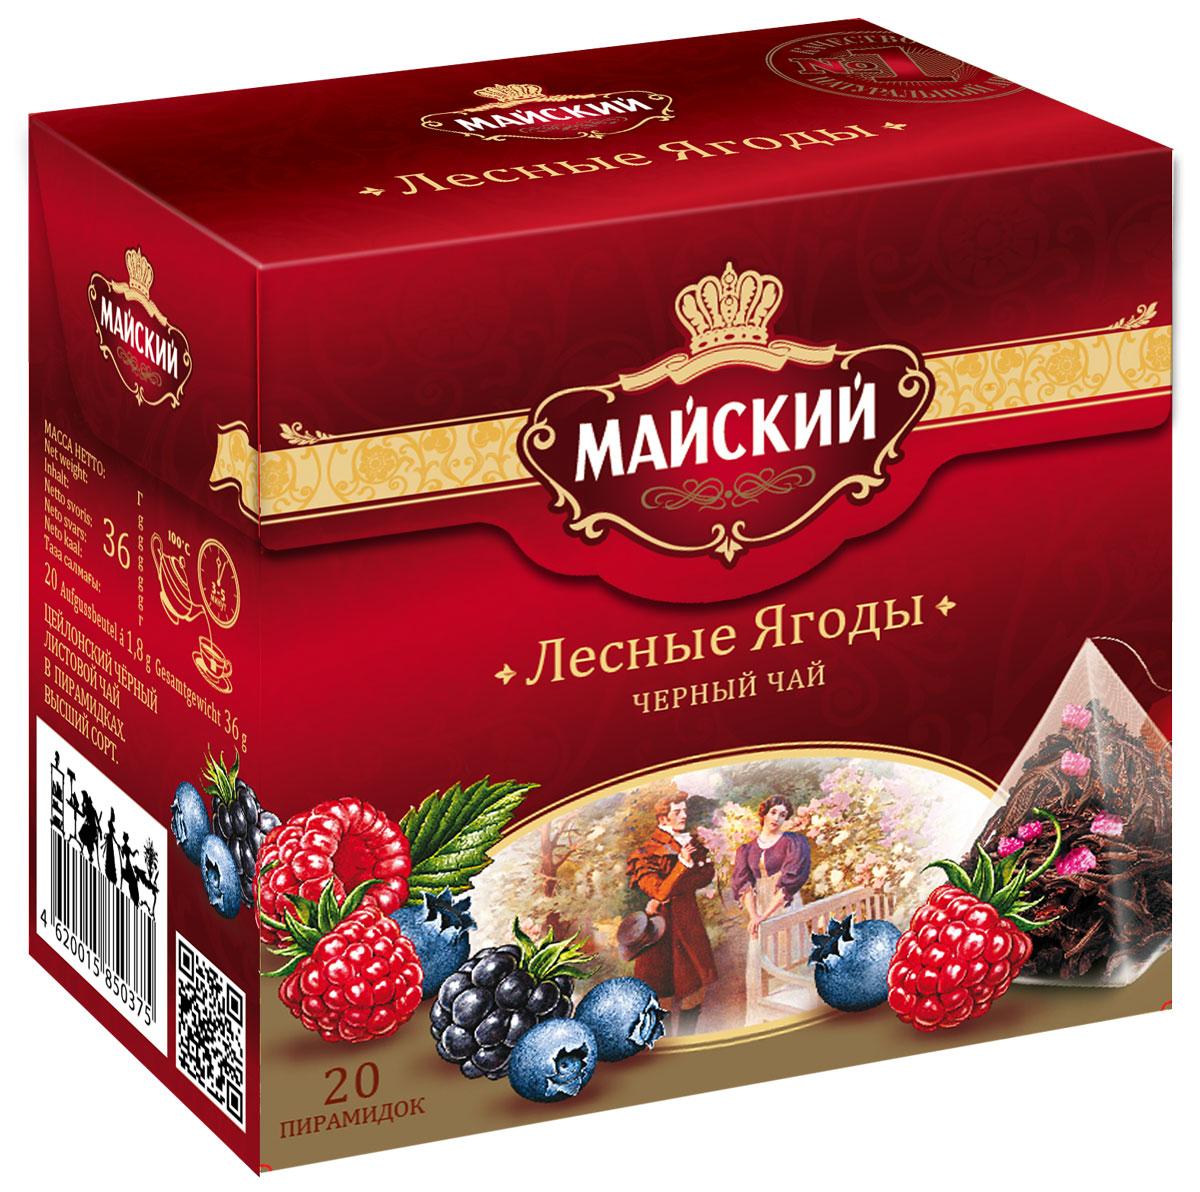 все цены на Майский Лесные ягоды черный чай в пирамидках, 20 шт онлайн